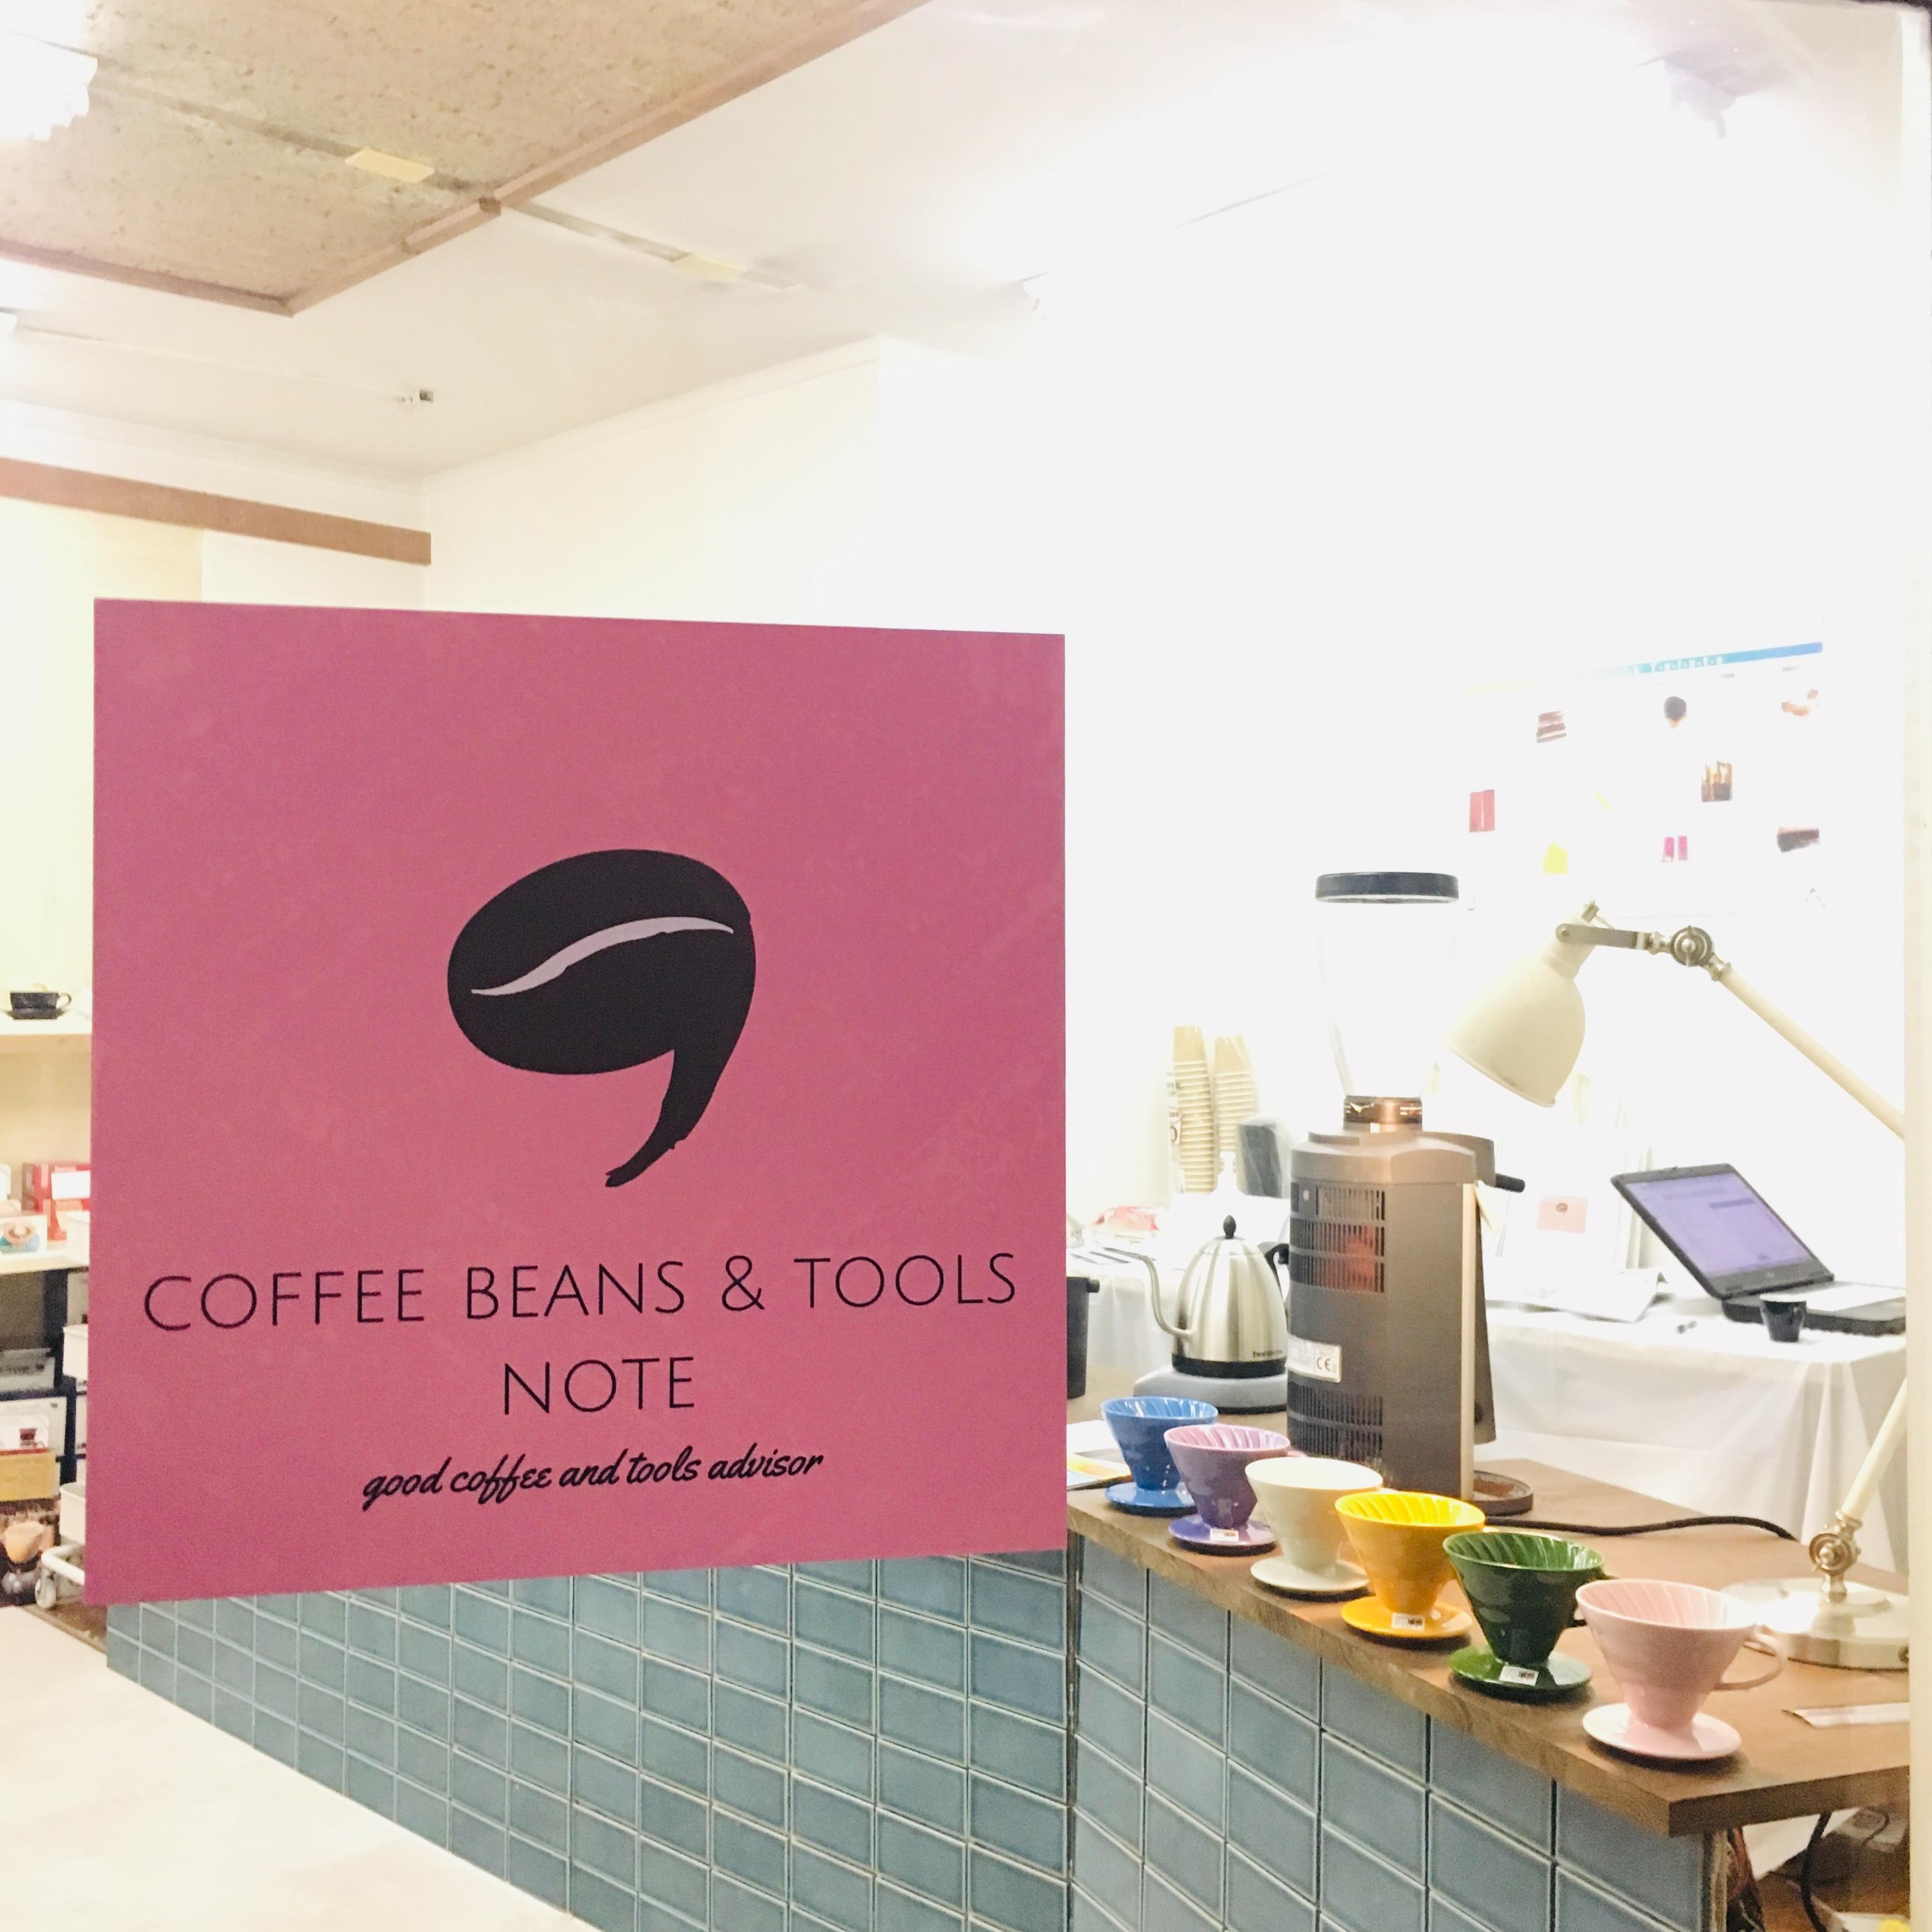 初心者からプロまで。実際に使って選べるコーヒー器具のセレクトショップ「coffee beans&tools note」 - main 3